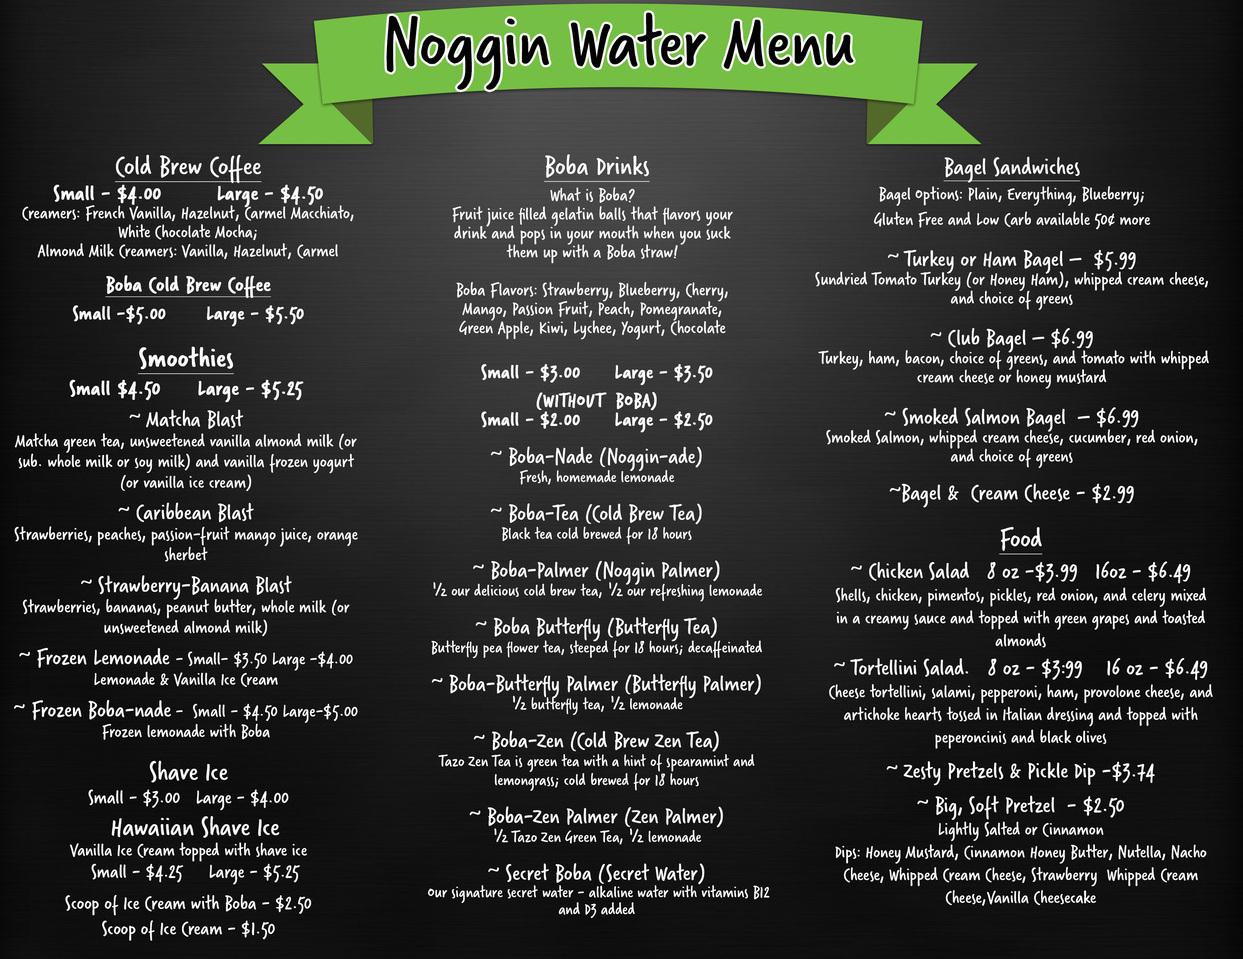 Noggin Water Menu Cherokee, Iowa